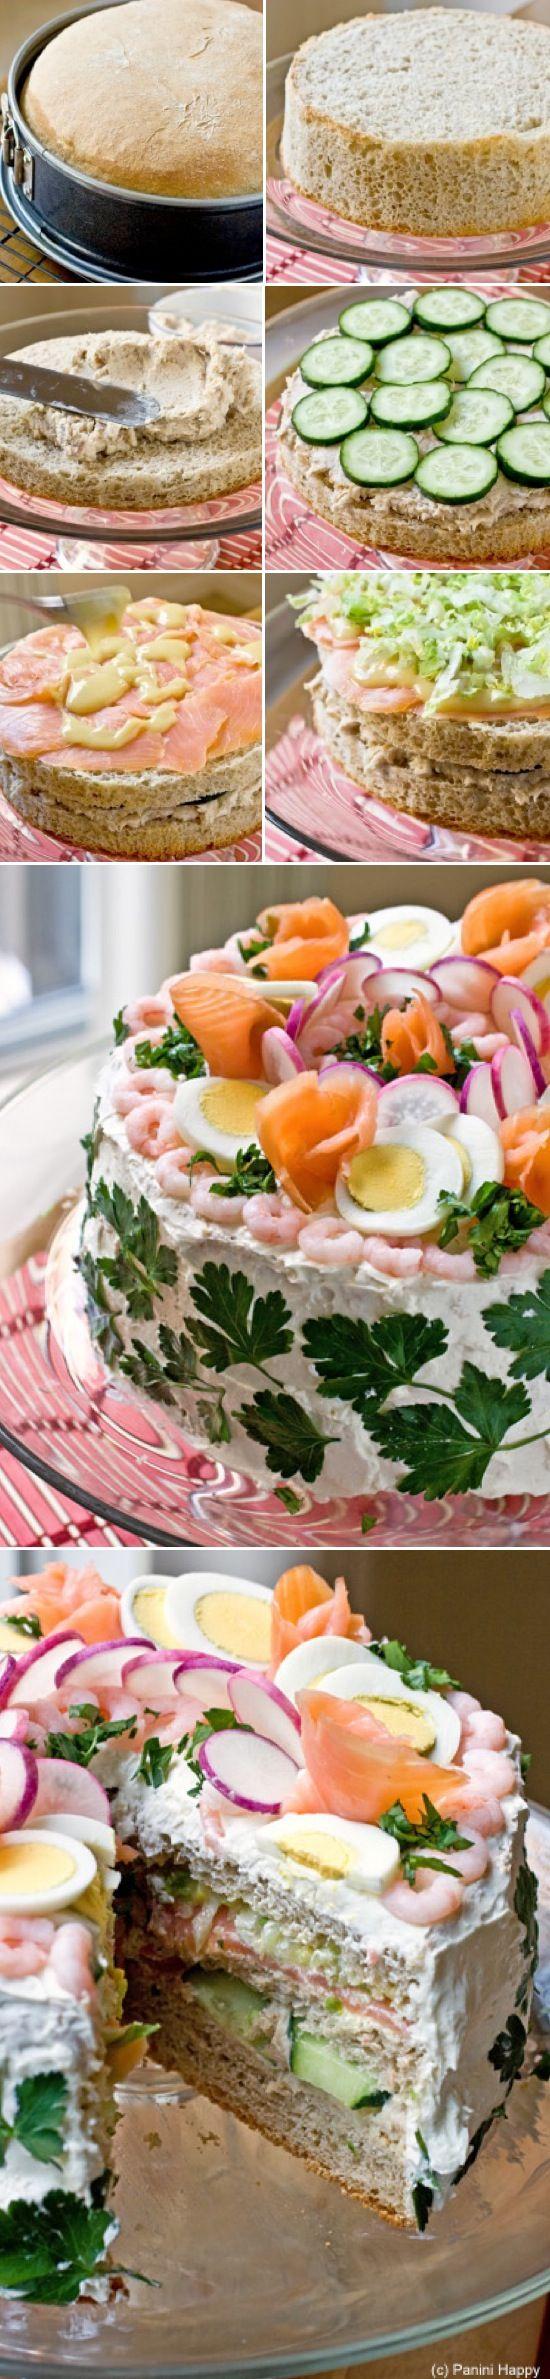 Torta salata: salmone, gamberetti, cetrioli, uova sode. Come basi si può usare anche il pane in cassetta o quello bianco da tramezzini   The Best Salmon Cucumber Egg Sandwich Cake